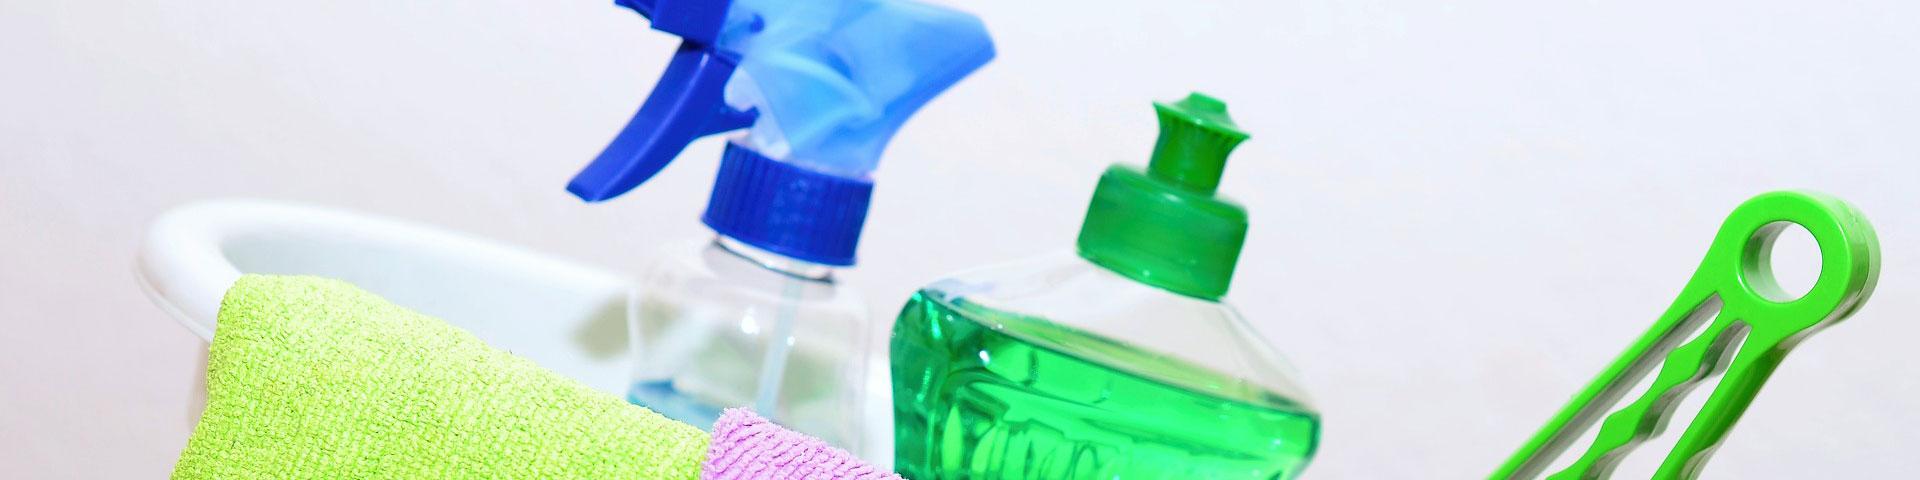 AGQ Labs Chile, Salud y Seguridad: productos de consumo